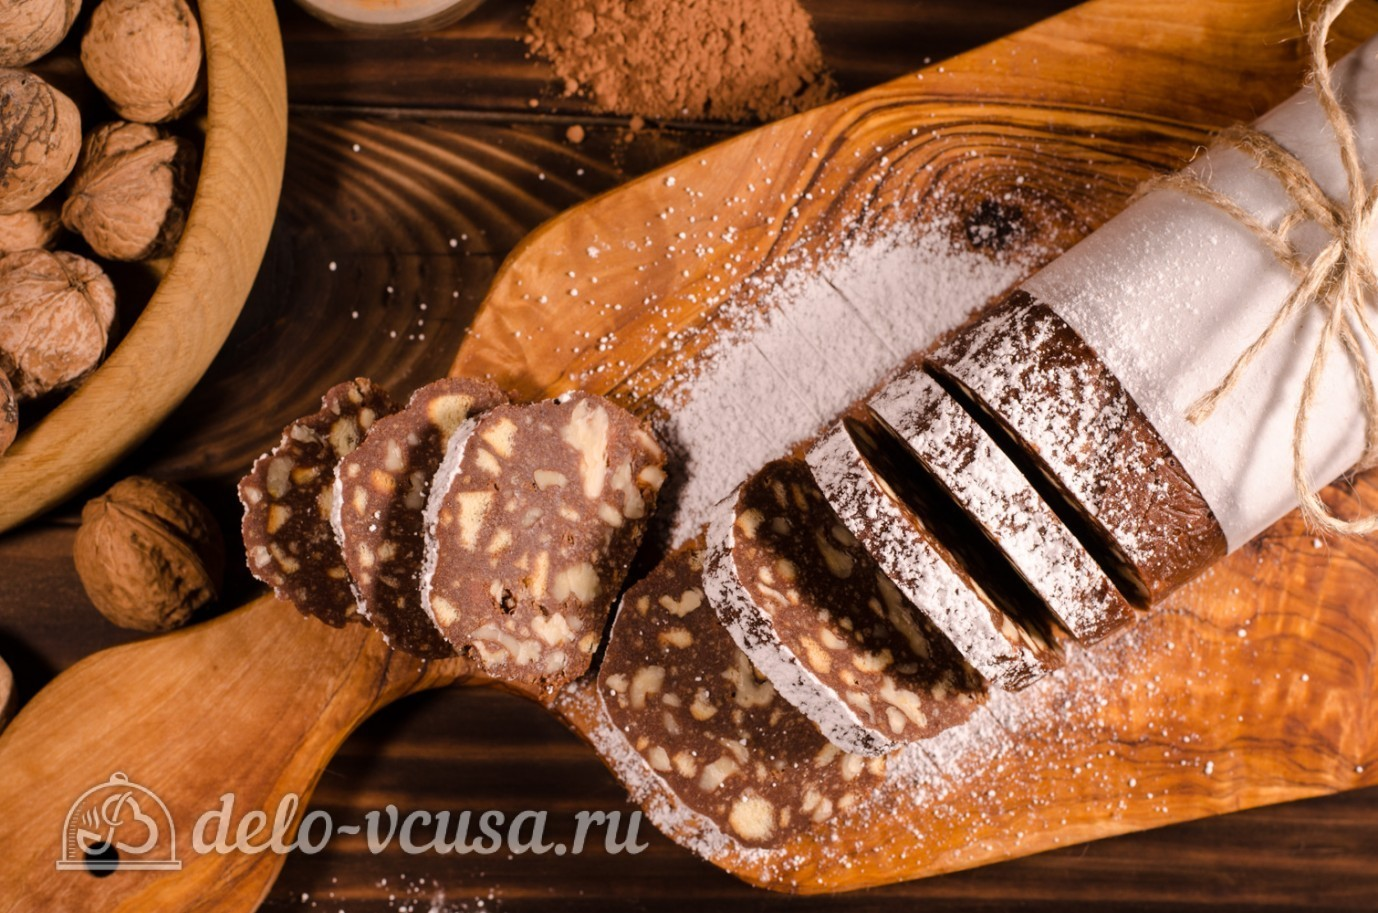 колбаска из печенья и какао классический рецепт